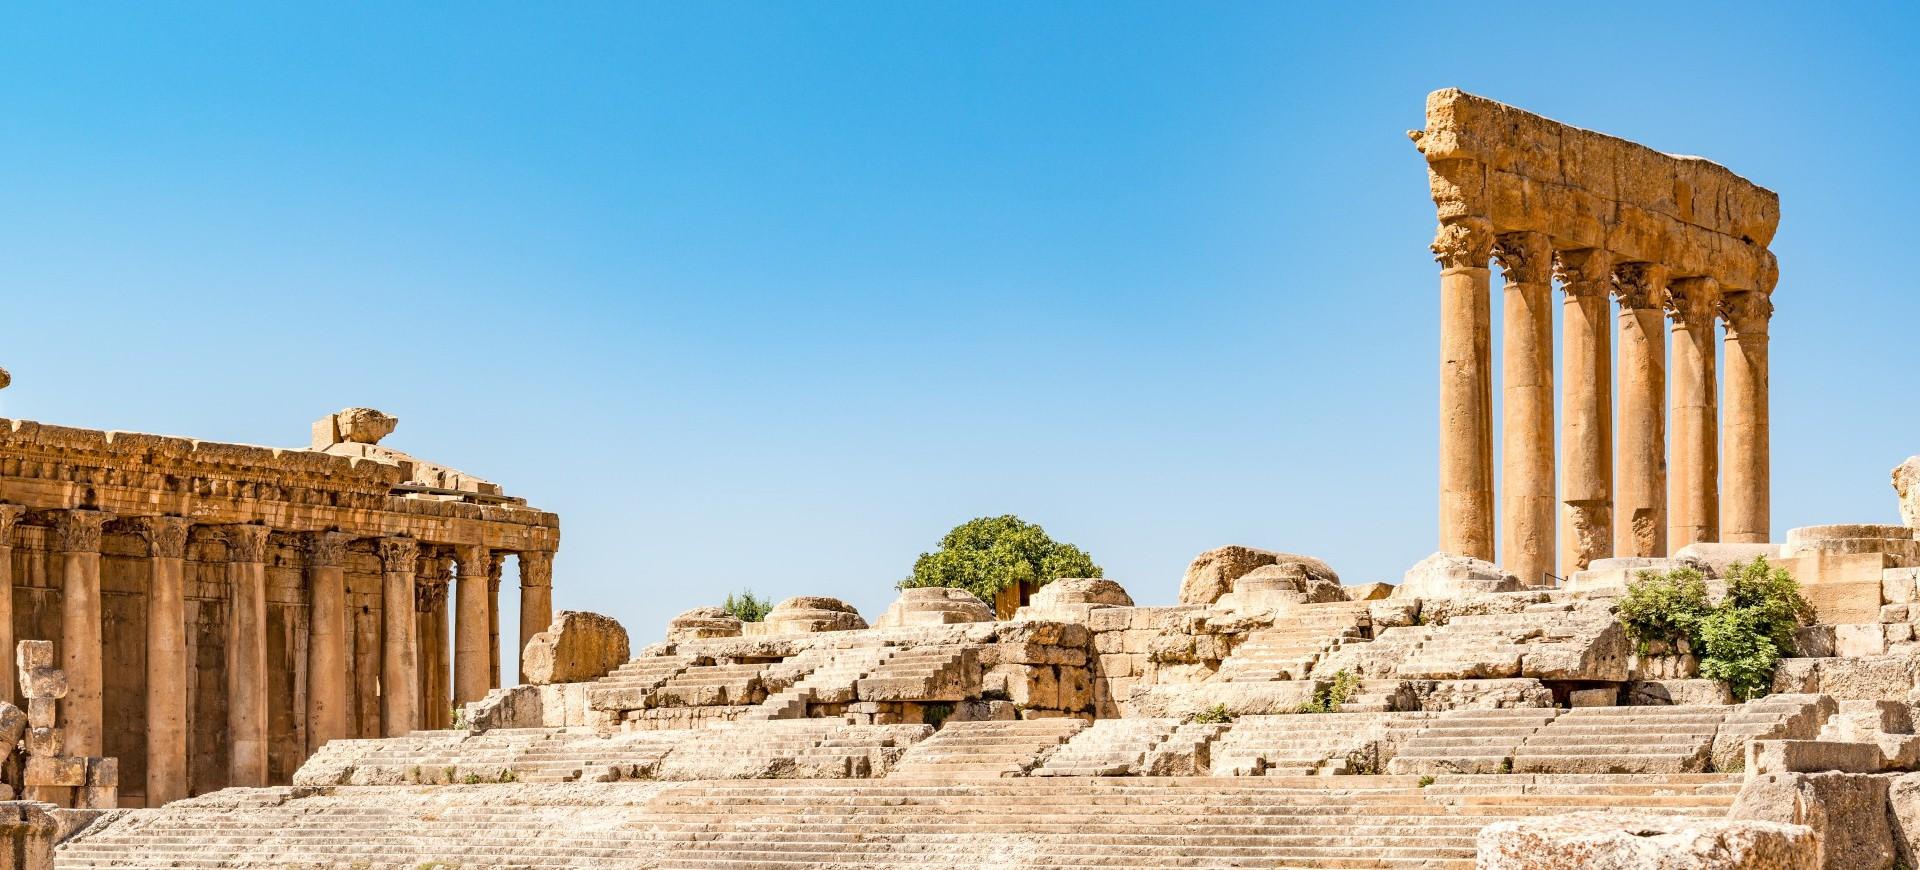 Temple de Baachus dans le site antique de Baalbeck au Liban